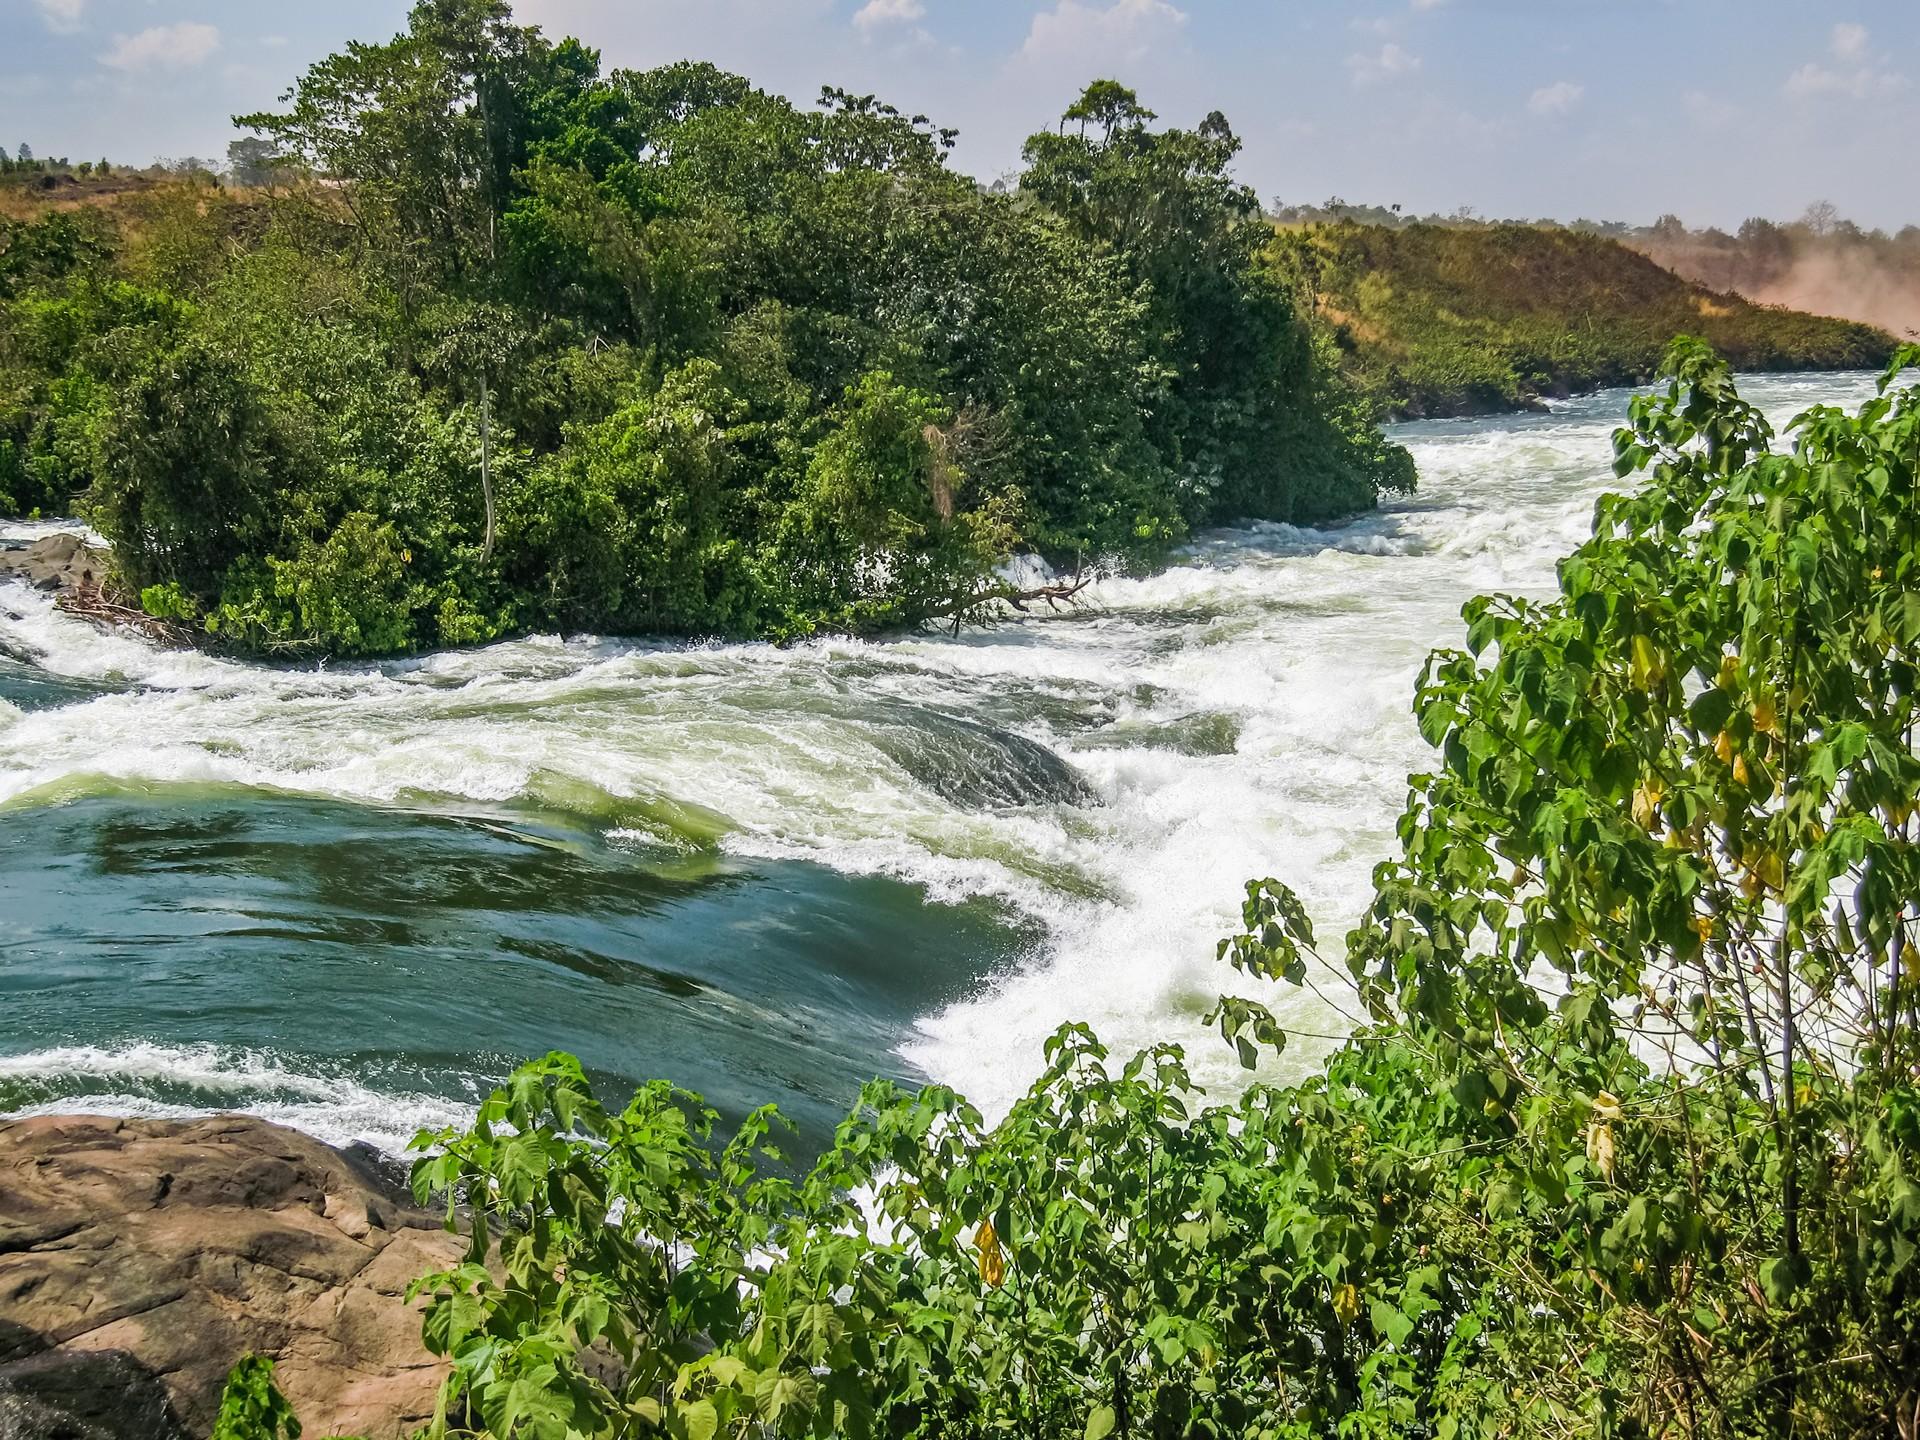 The River Nile rapids in Jinja, Uganda